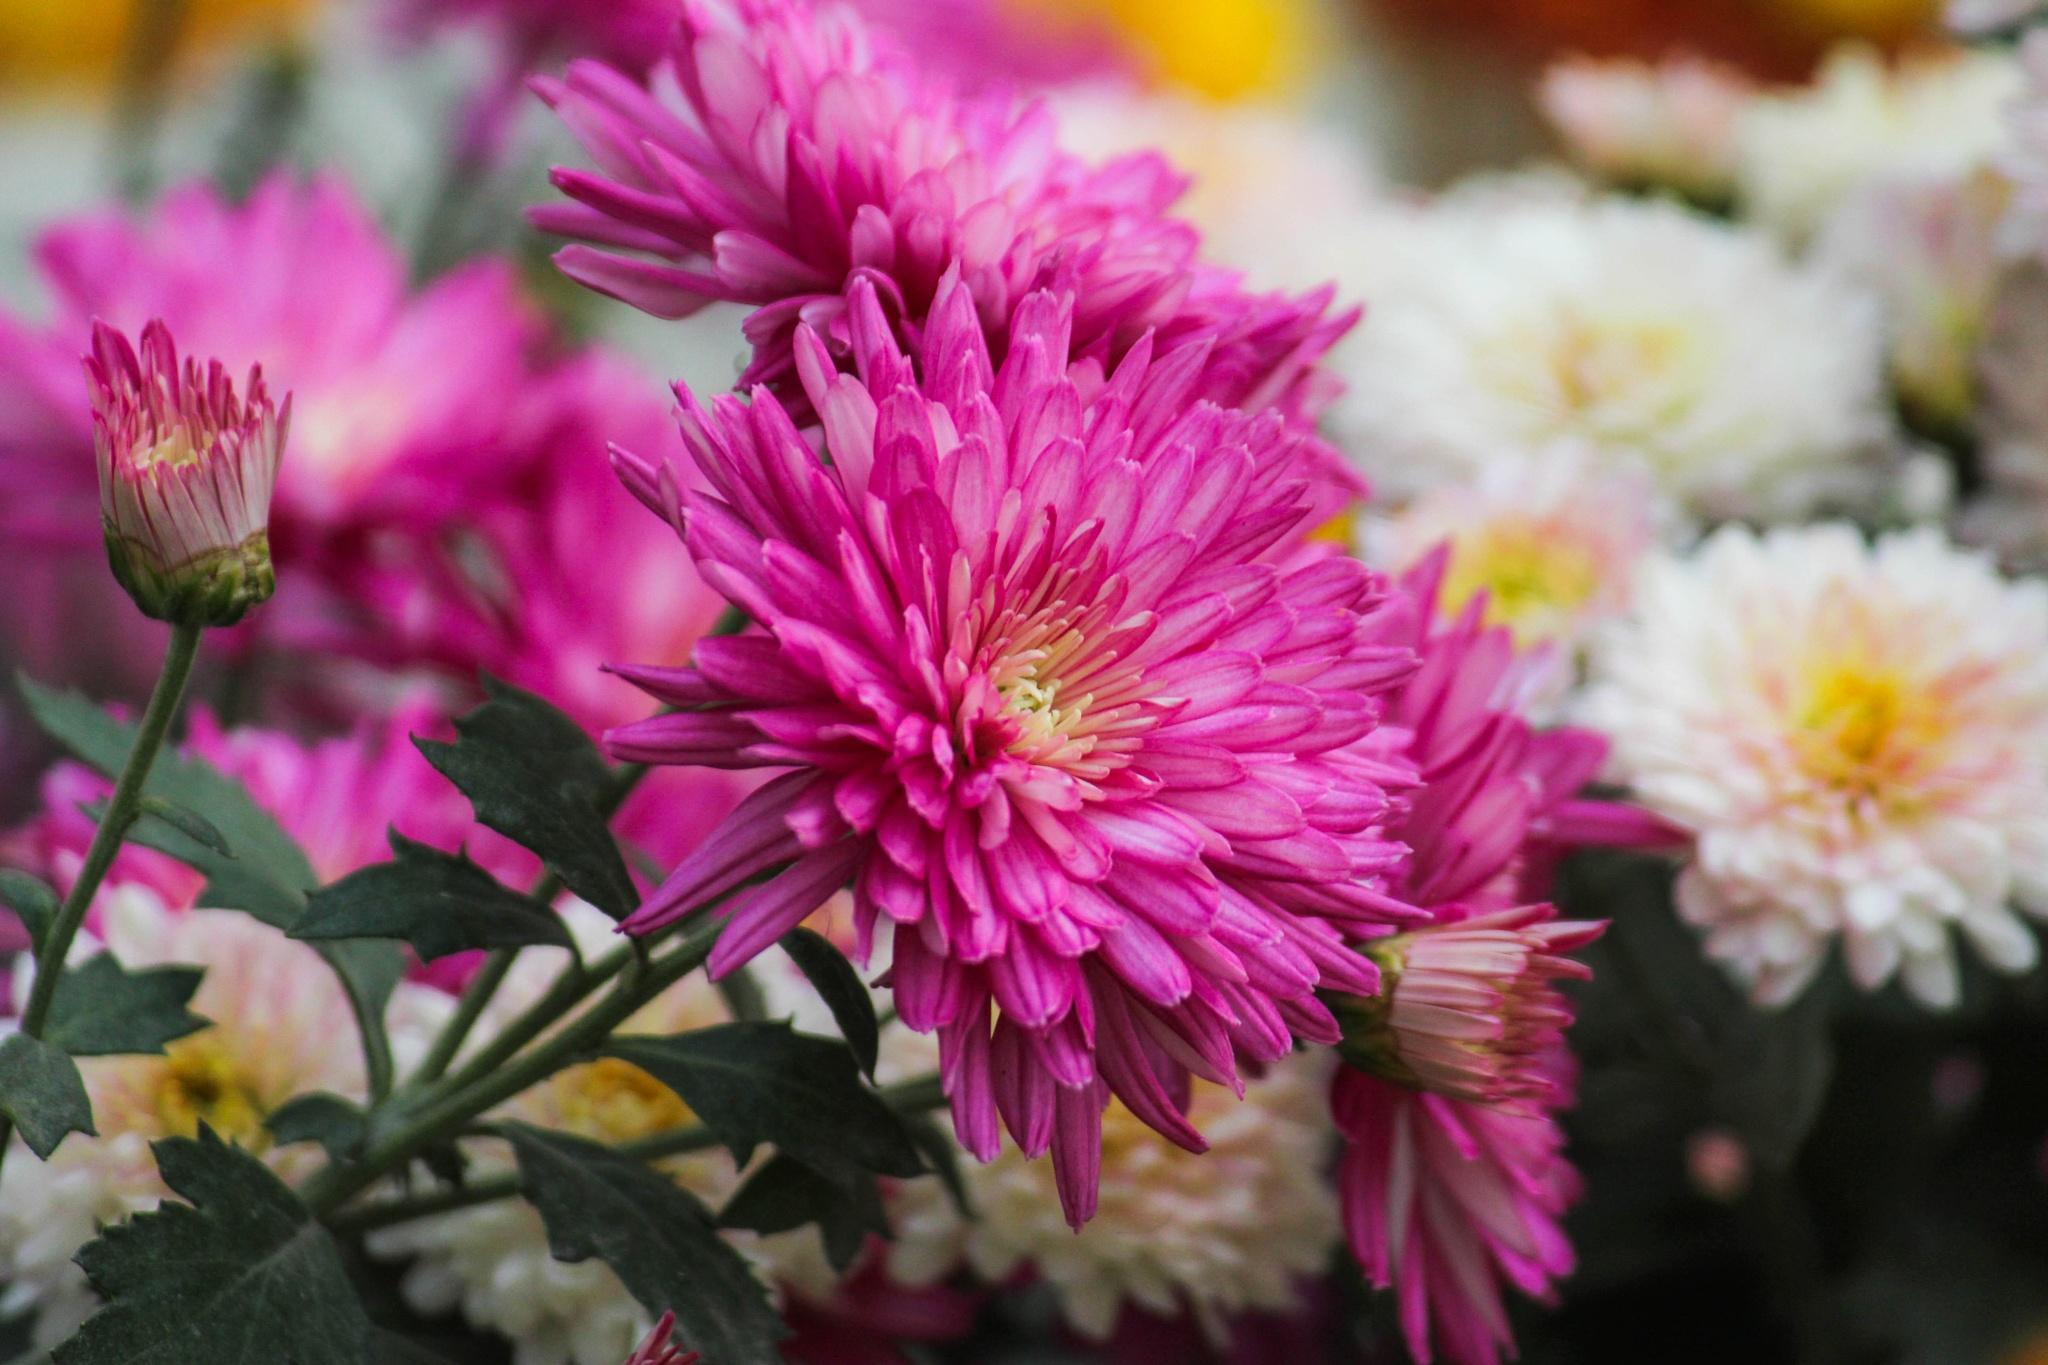 Flower of winter by bodhisatya